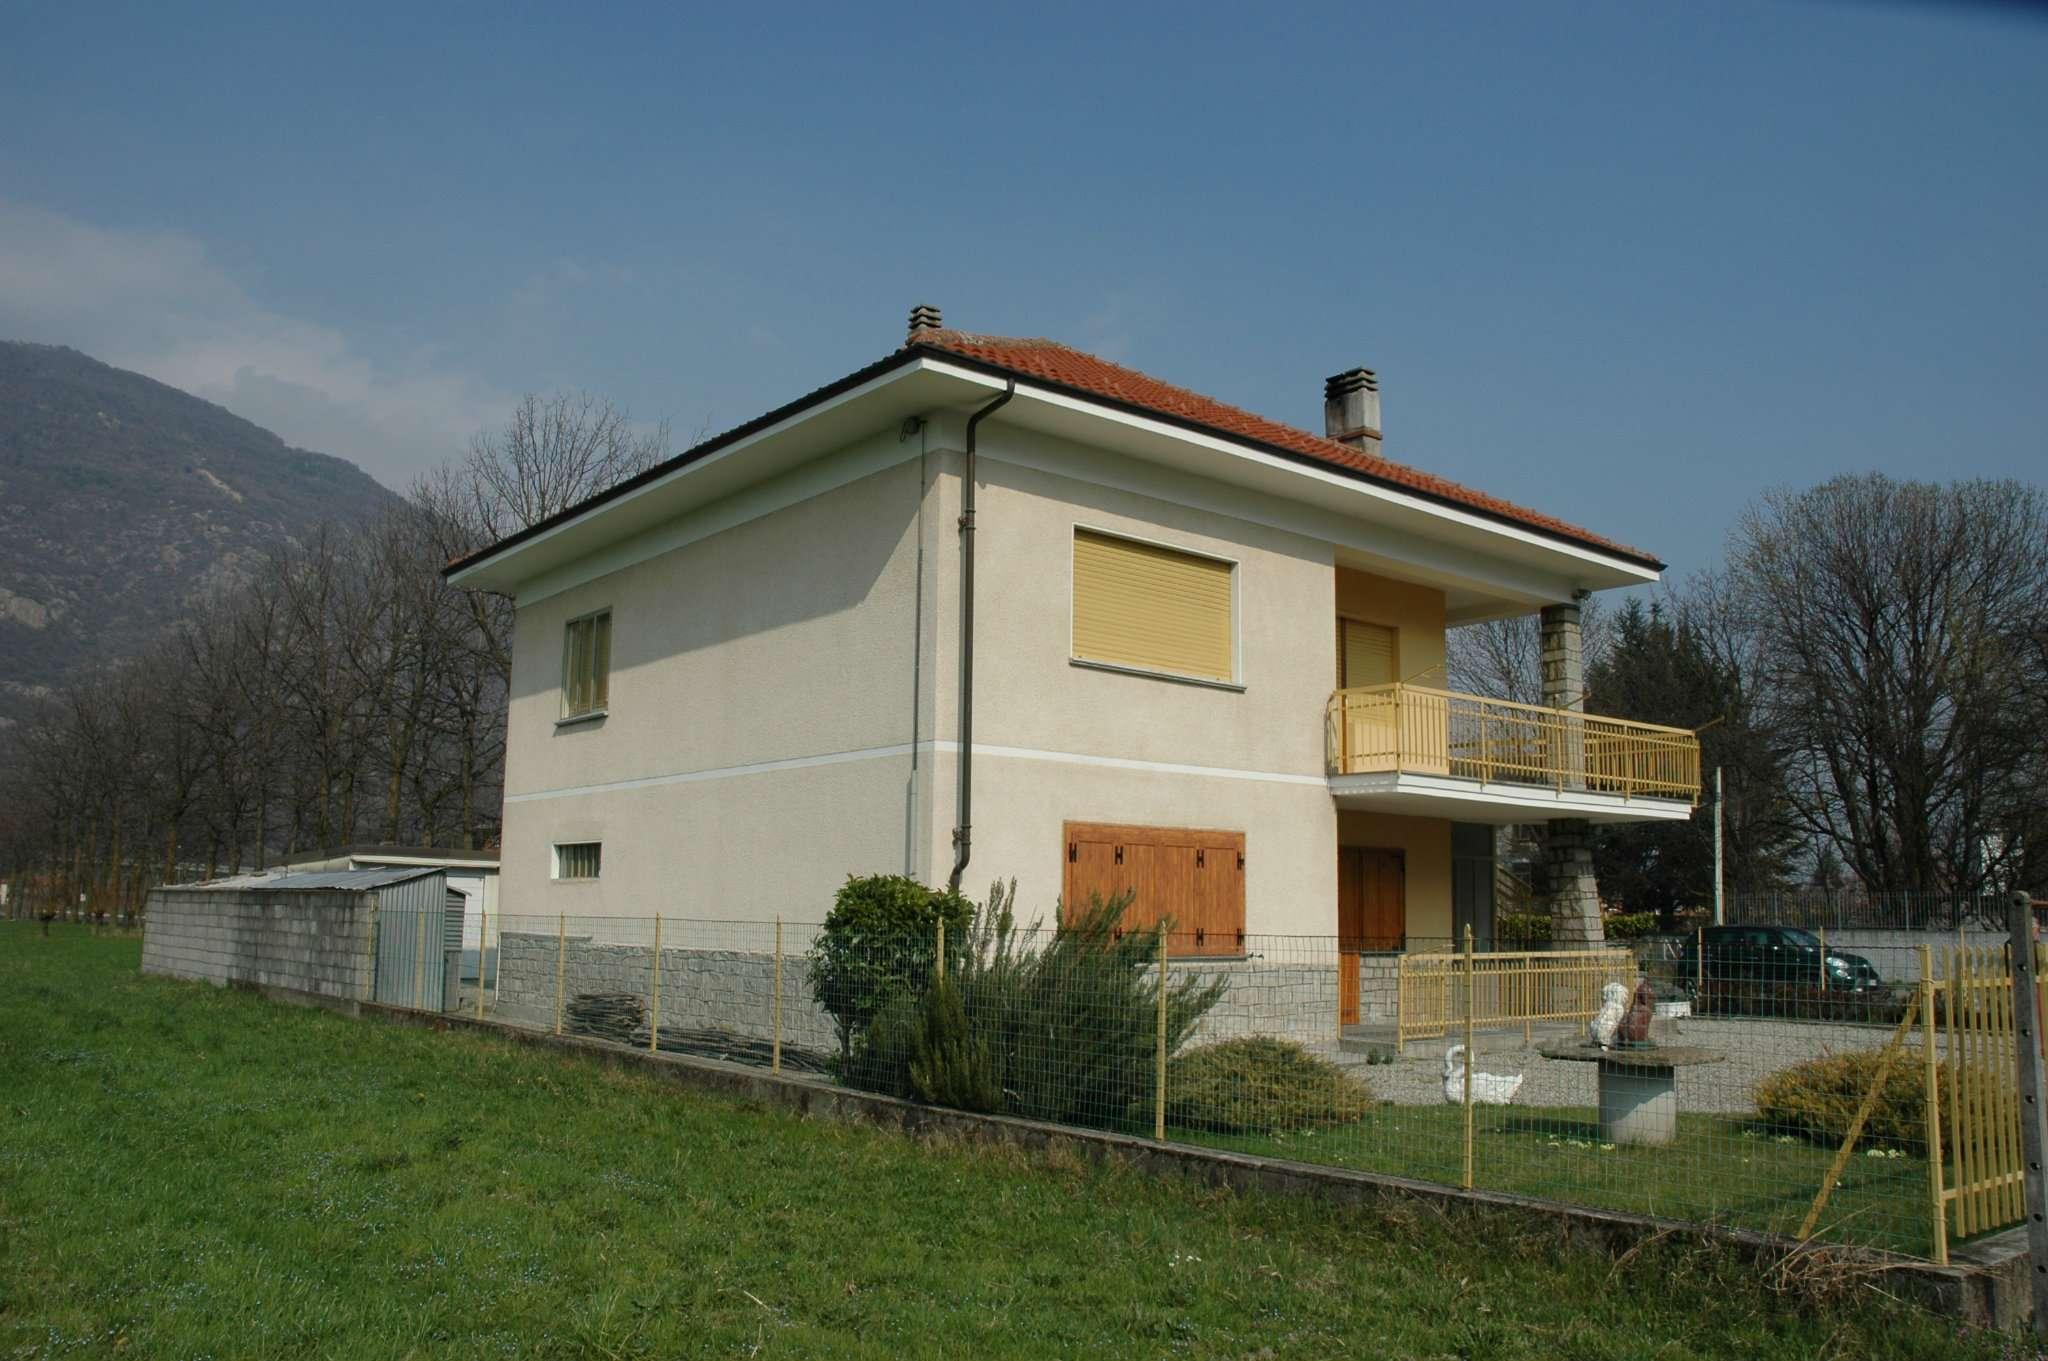 Soluzione Indipendente in vendita a Sant'Antonino di Susa, 7 locali, prezzo € 235.000 | Cambio Casa.it